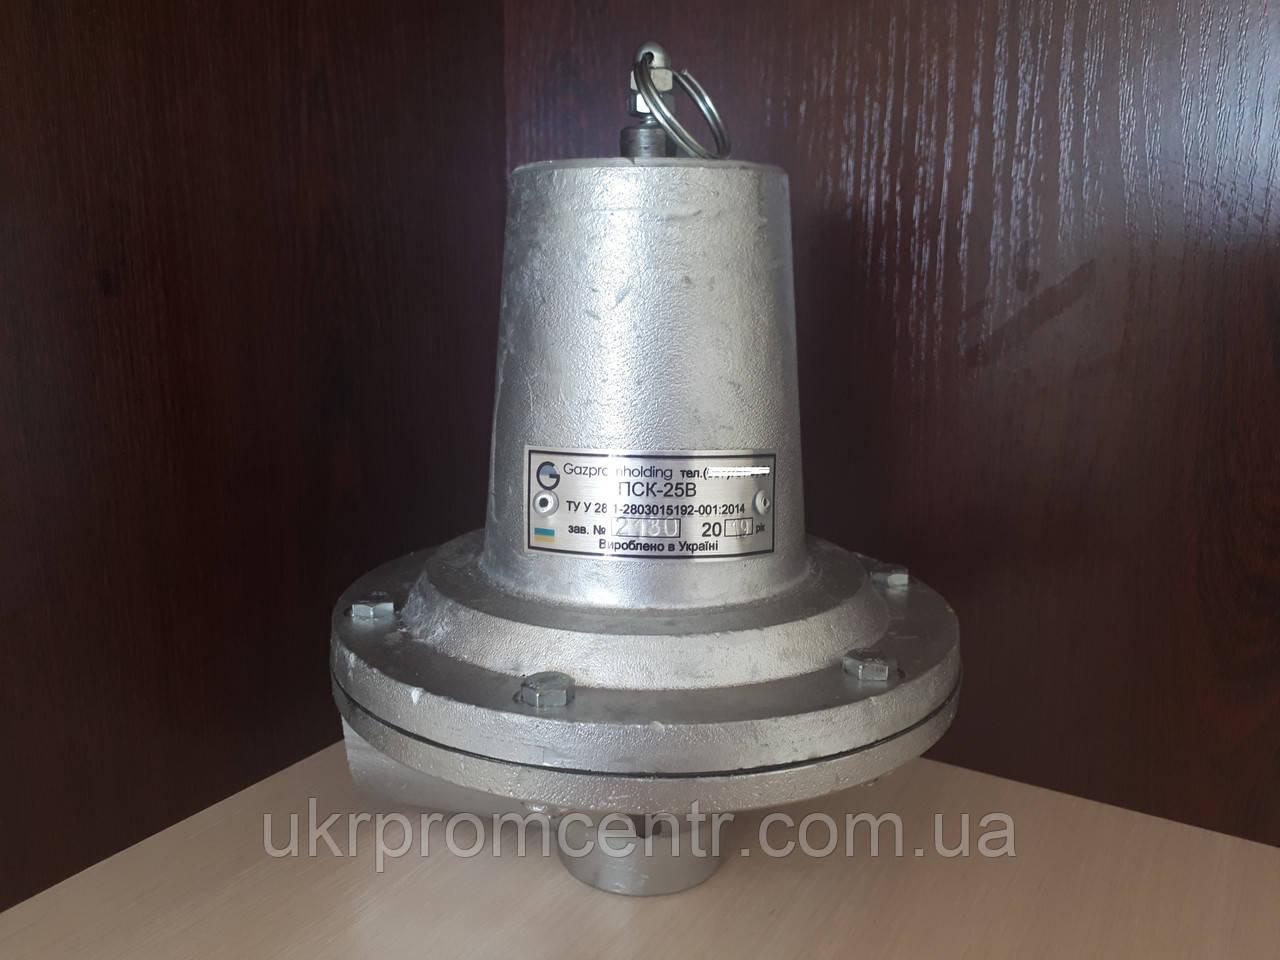 Клапан предохранительный сбросной ПСК-25Н, ПСК-25В